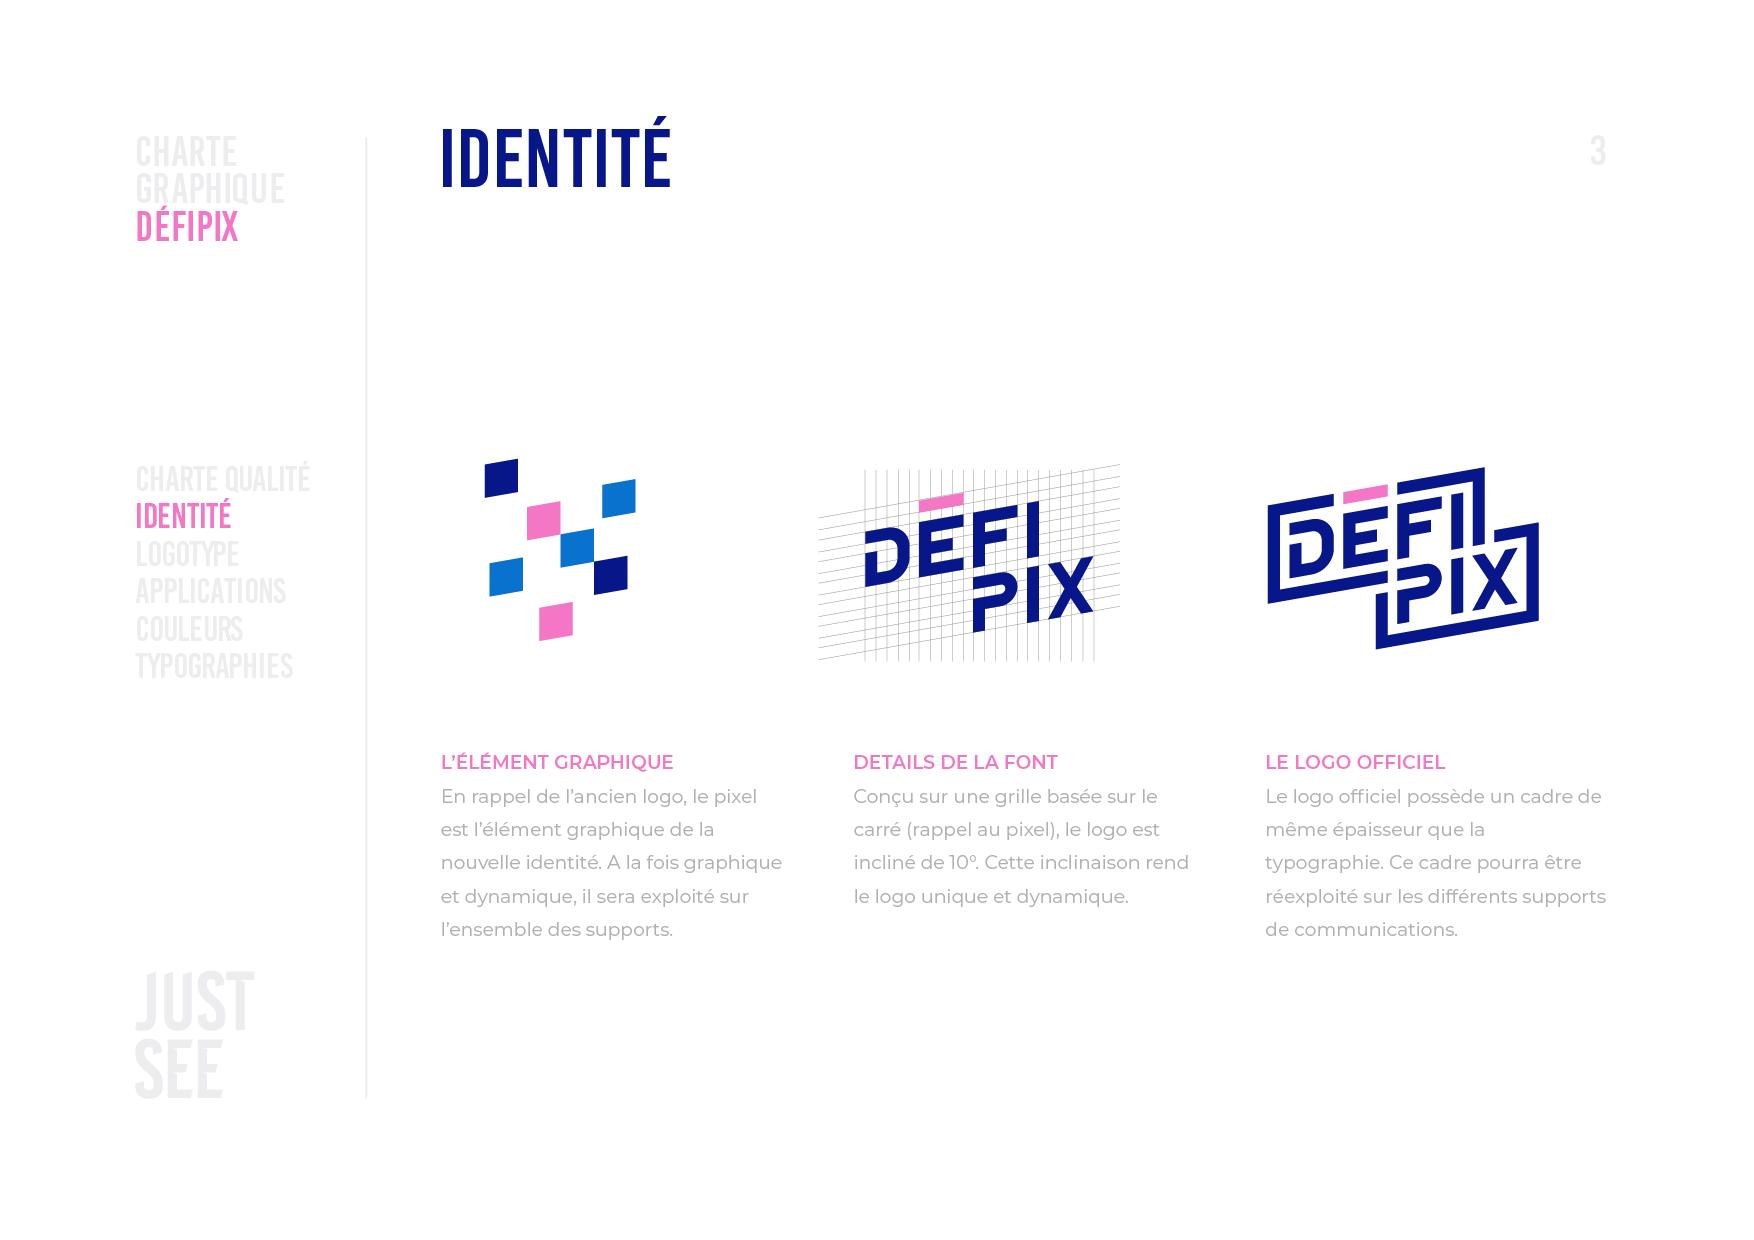 Défipix graphique 2019-04